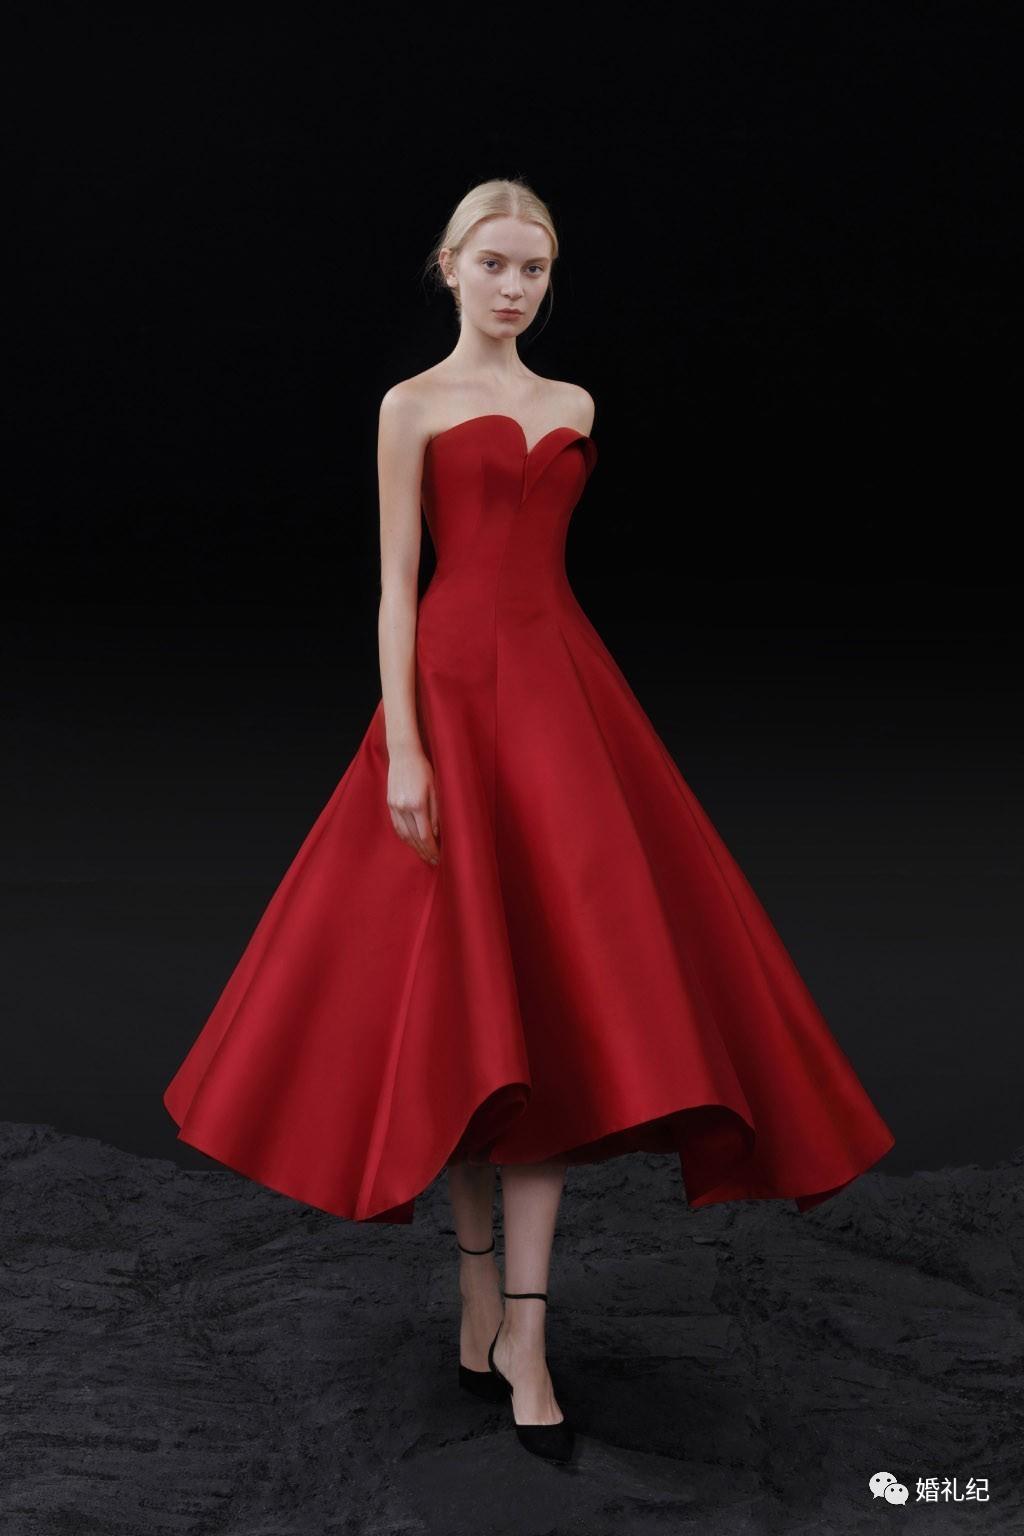 特别的裙摆设计让整体气质提升一个level!